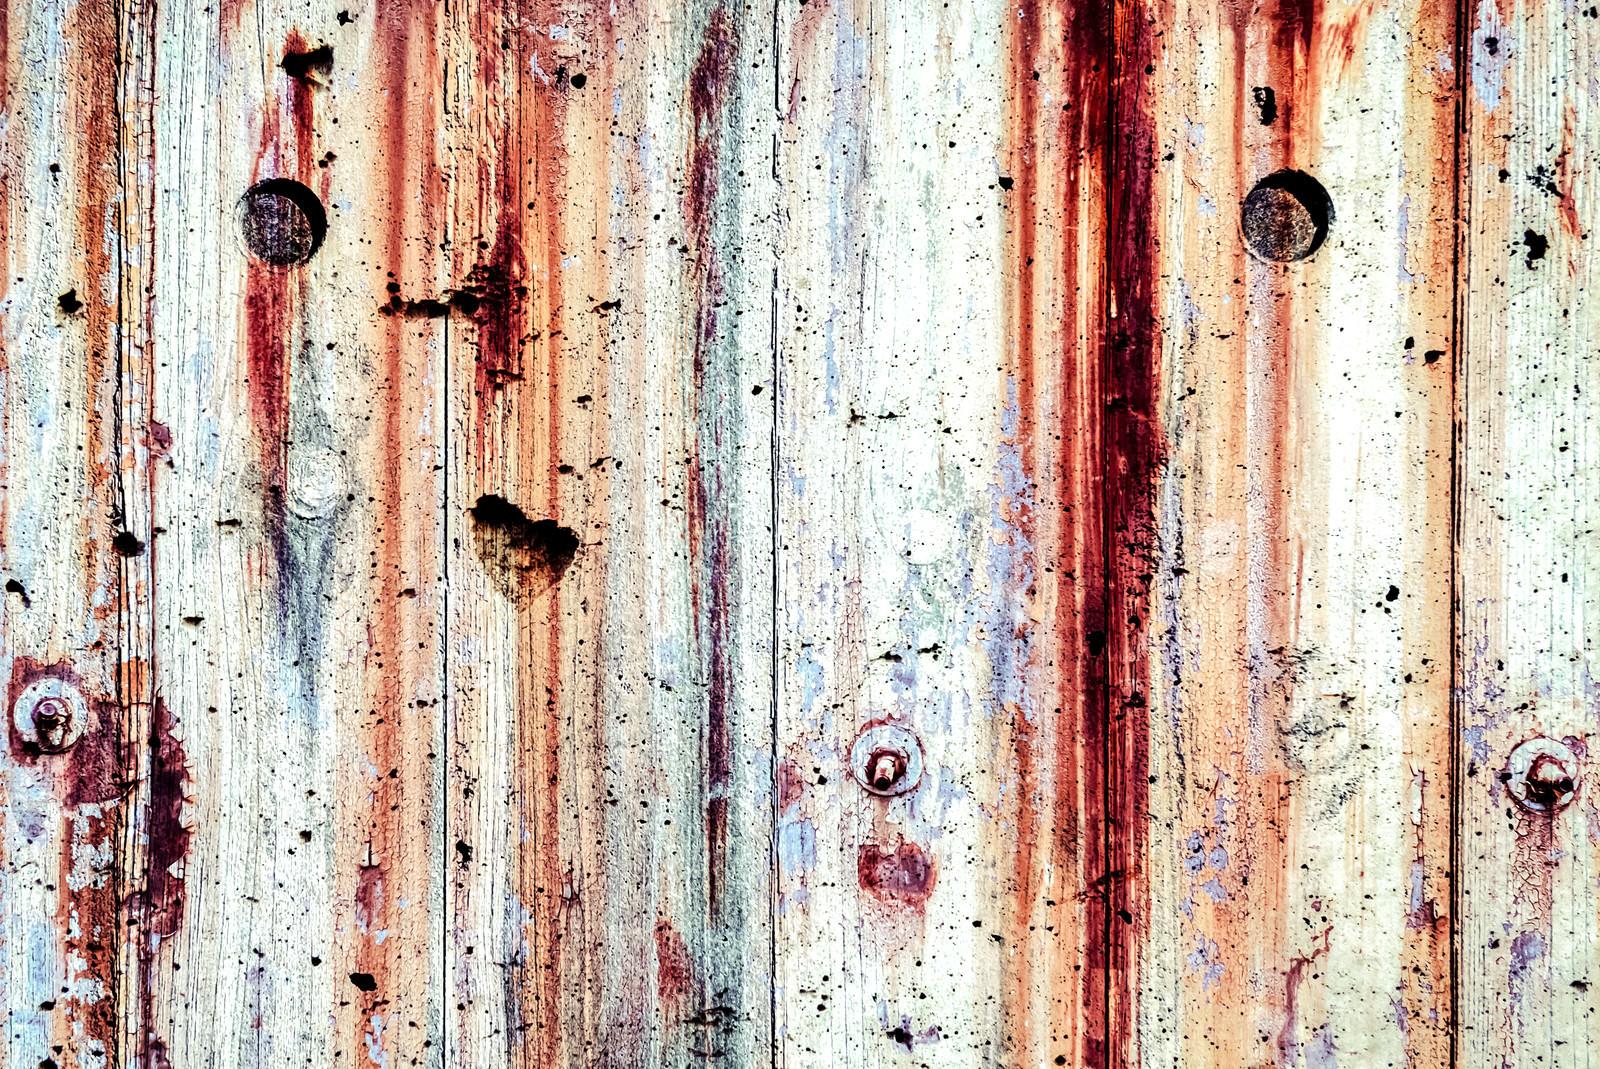 「塗装された木目(テクスチャ)」の写真